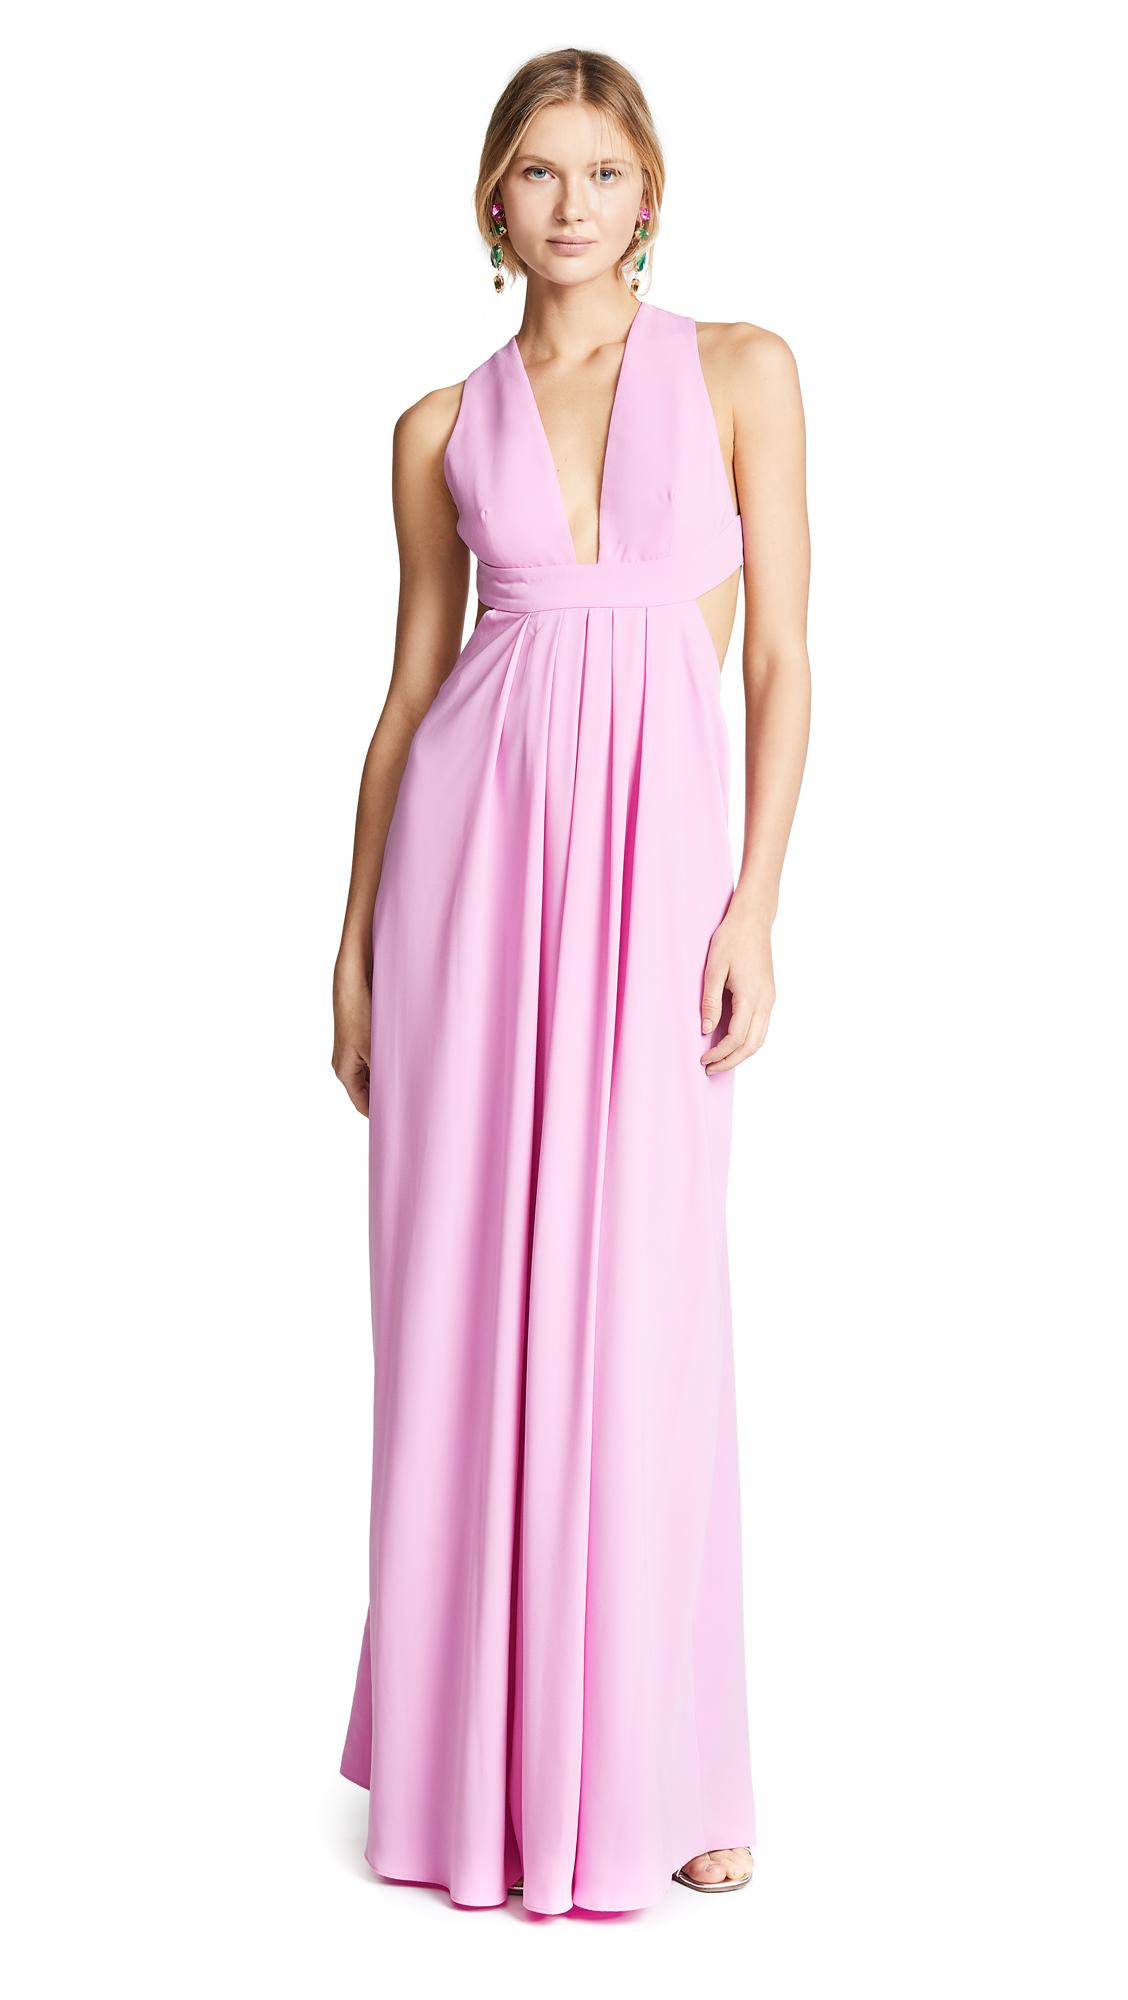 Jill Jill Stuart Deep V Neck Gown - Sugar Pink